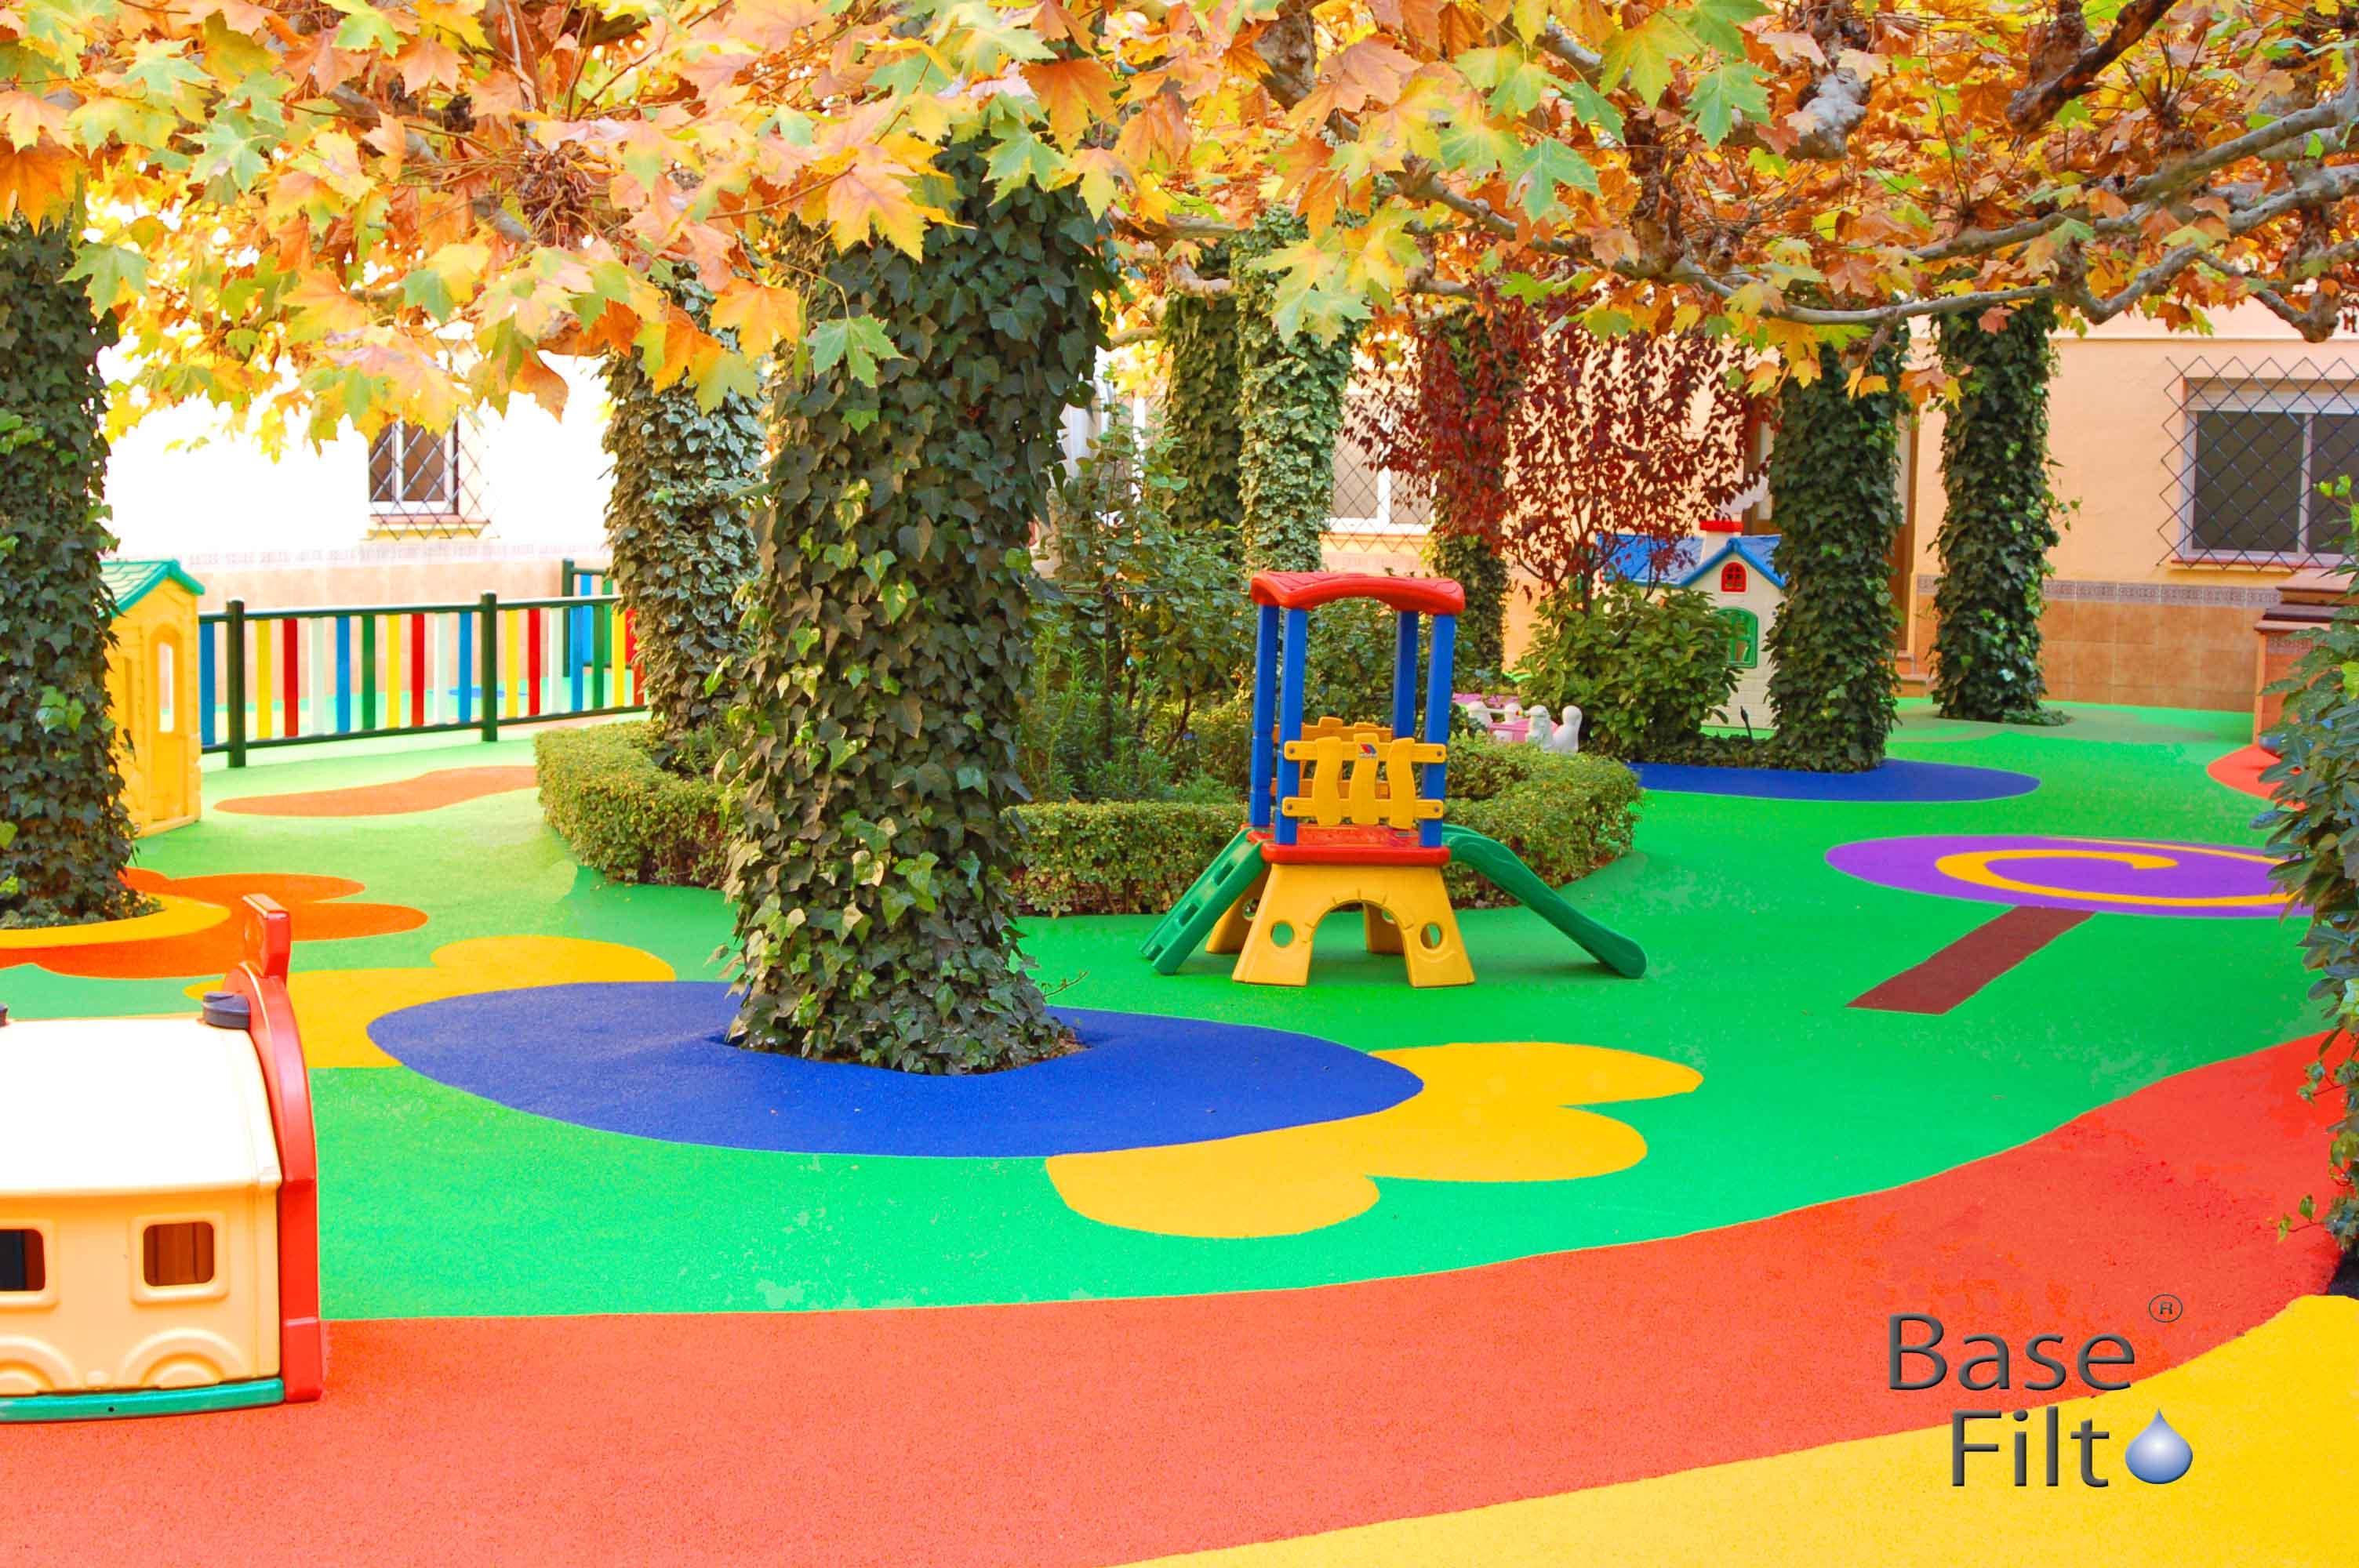 Articulos parques infantiles y mobiliario urbano caroldoey - Mobiliario urbano madrid ...